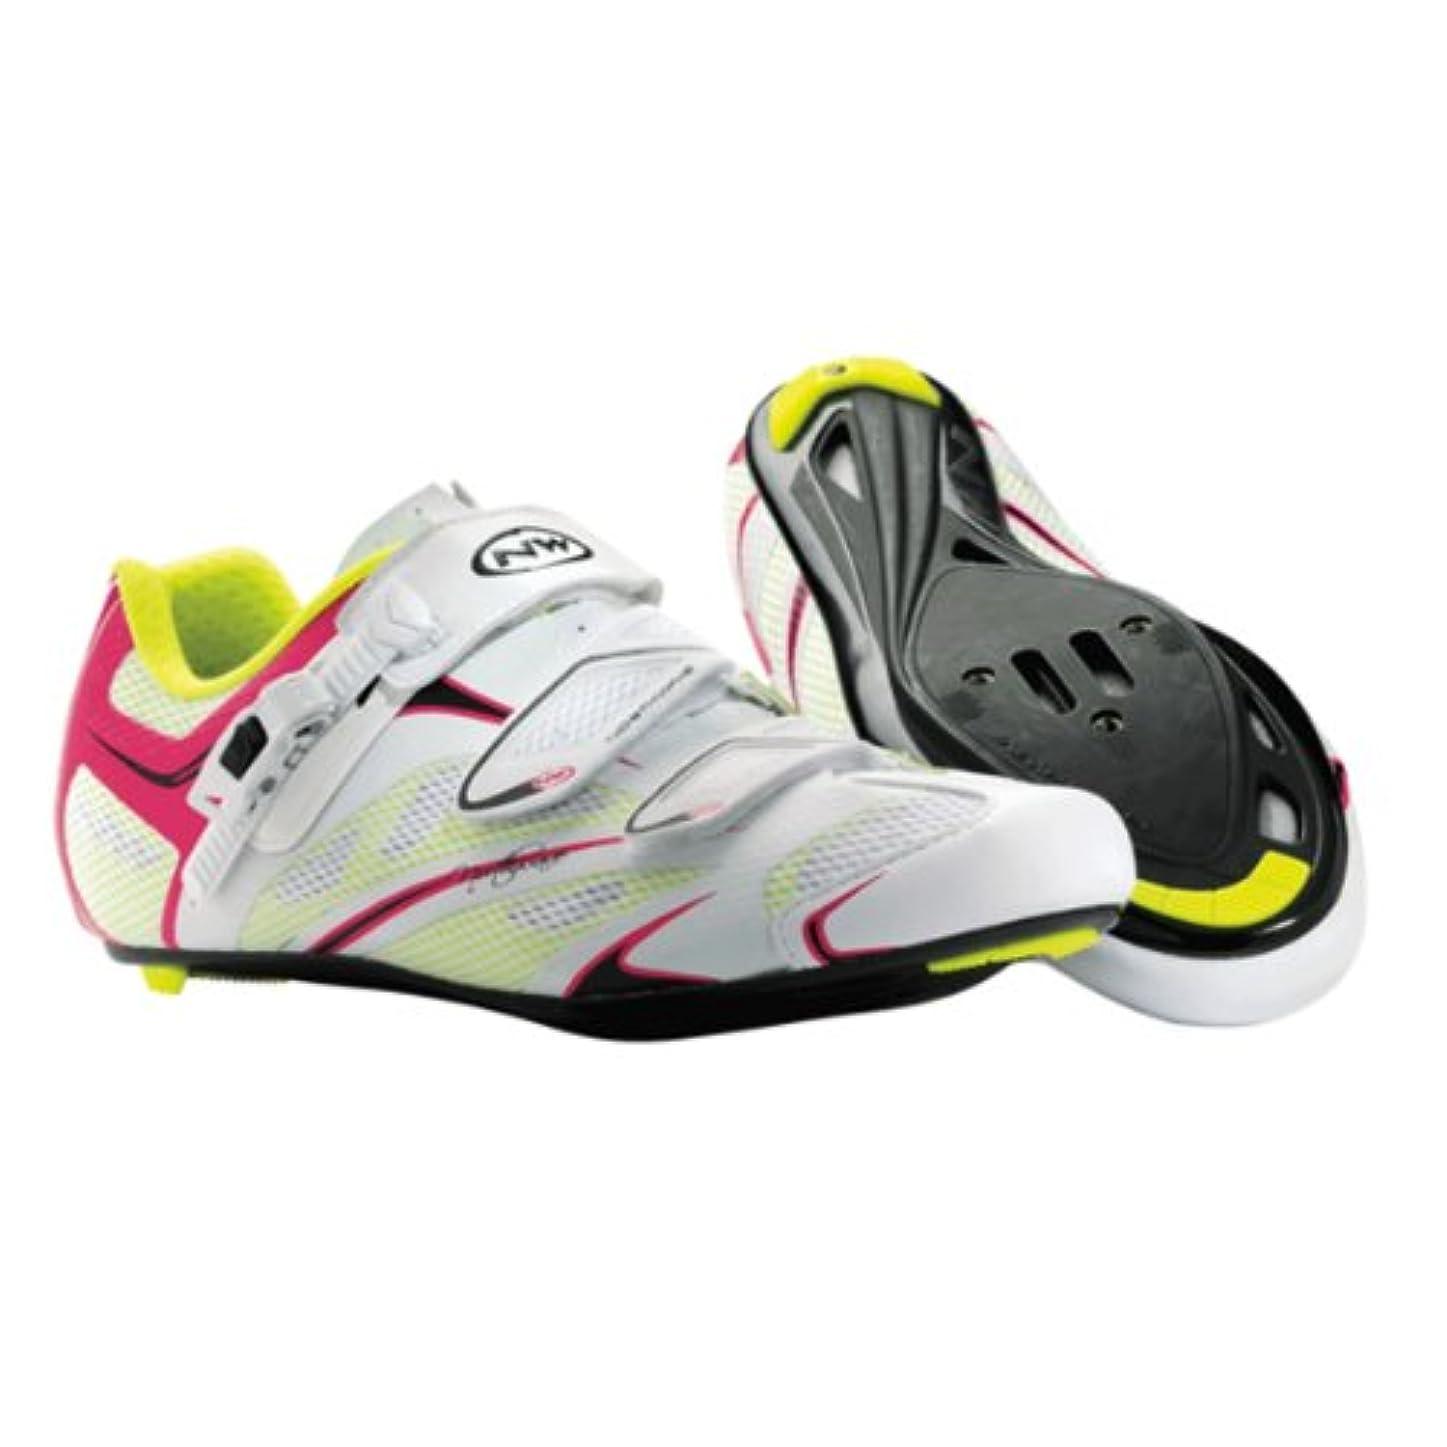 罰欲望適切にNorthwave 2014 Women's Starlight SRS Road Cycling Shoe Size New by Northwave